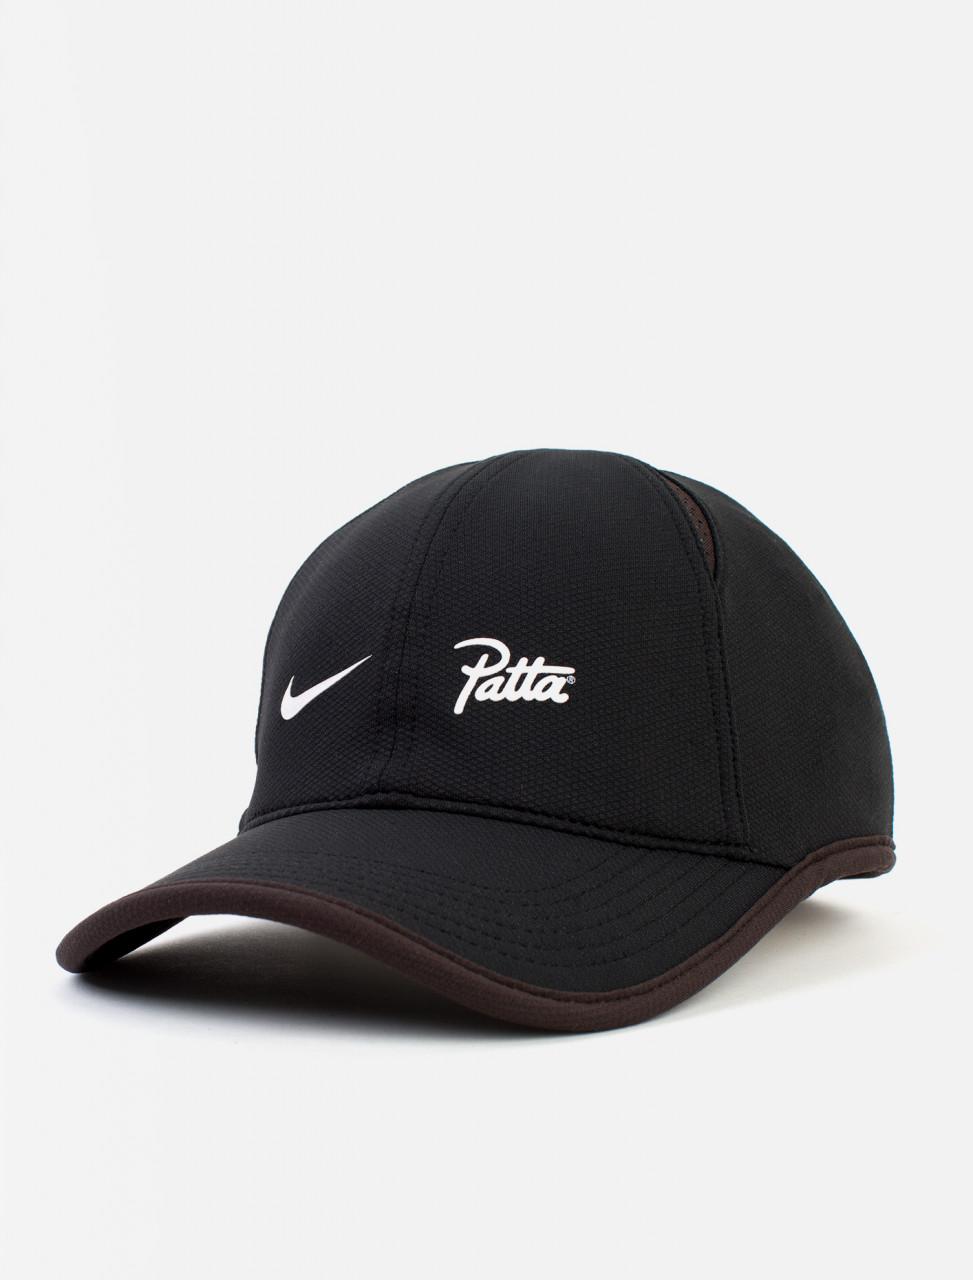 Patta Featherlight Cap